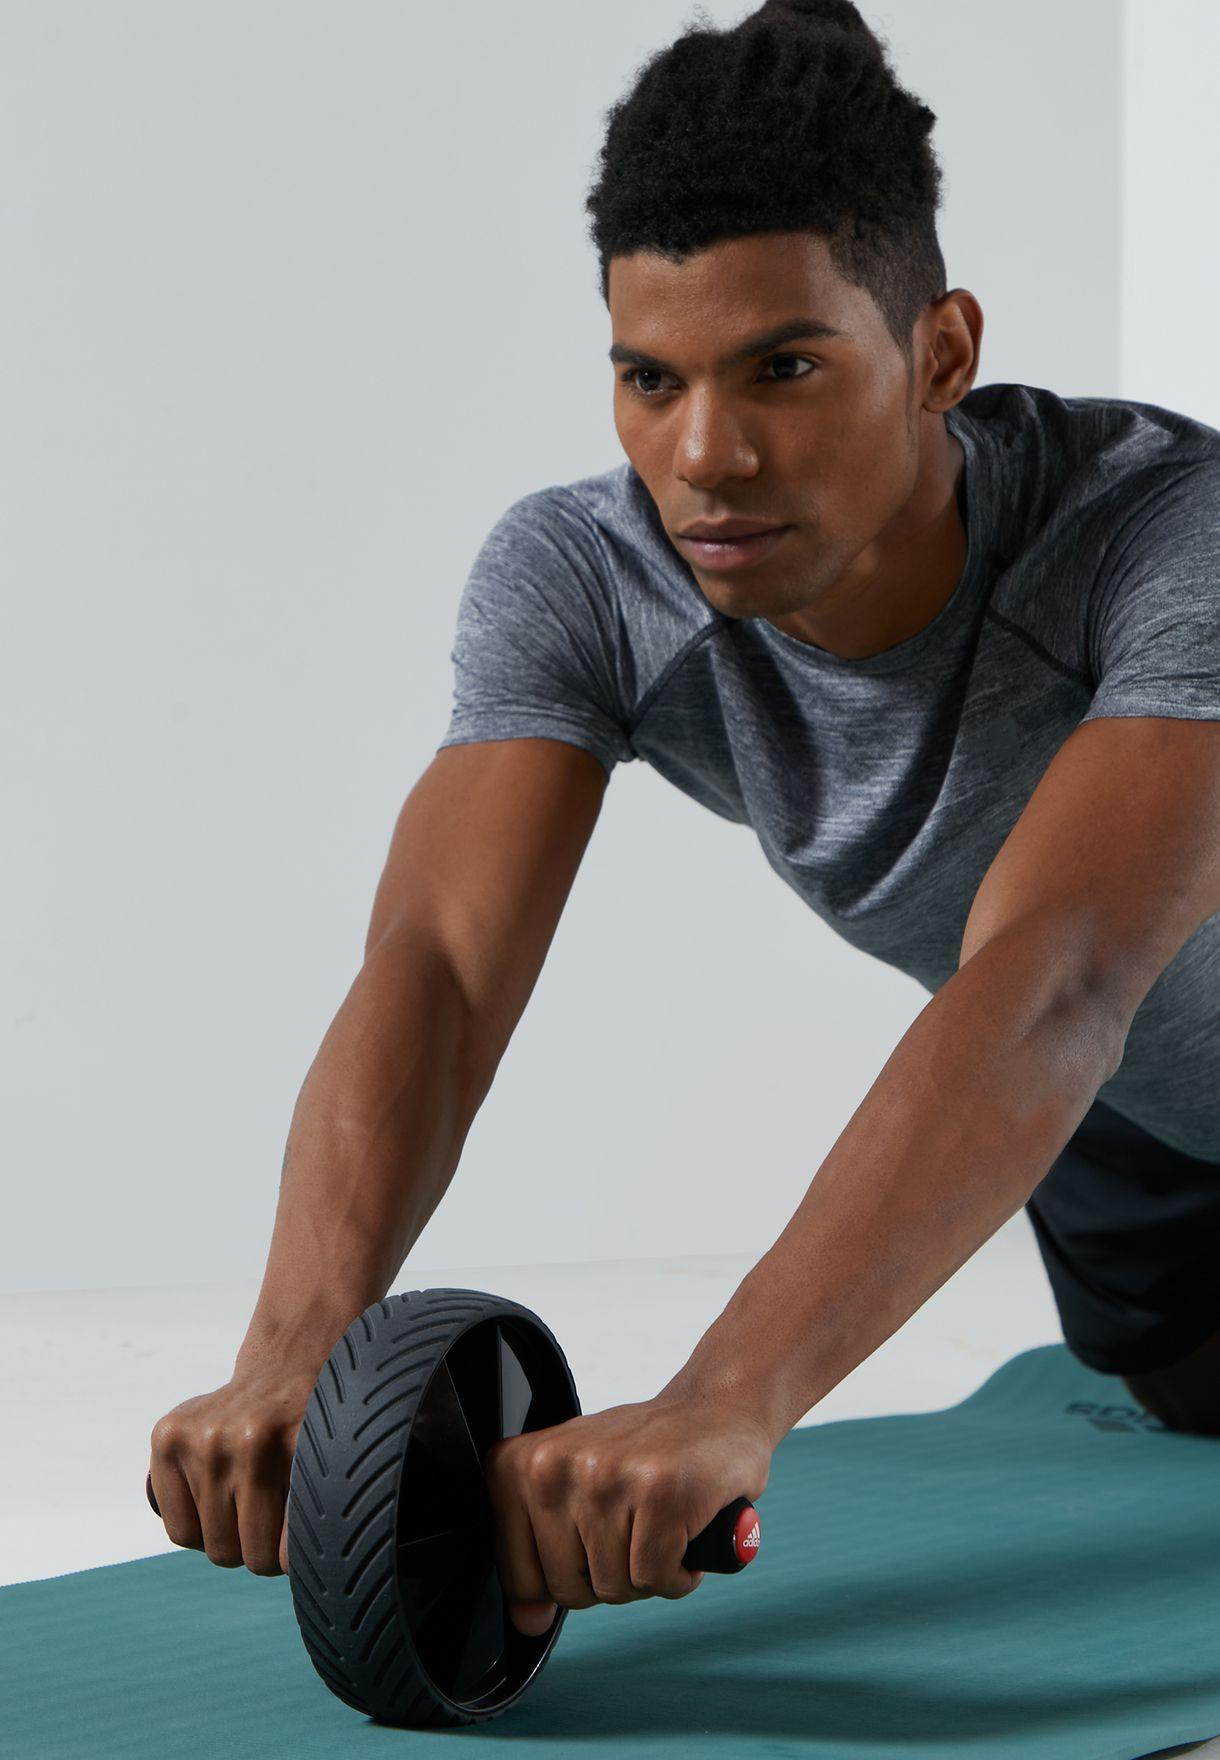 عجلة تمرين العضلات بمقابض